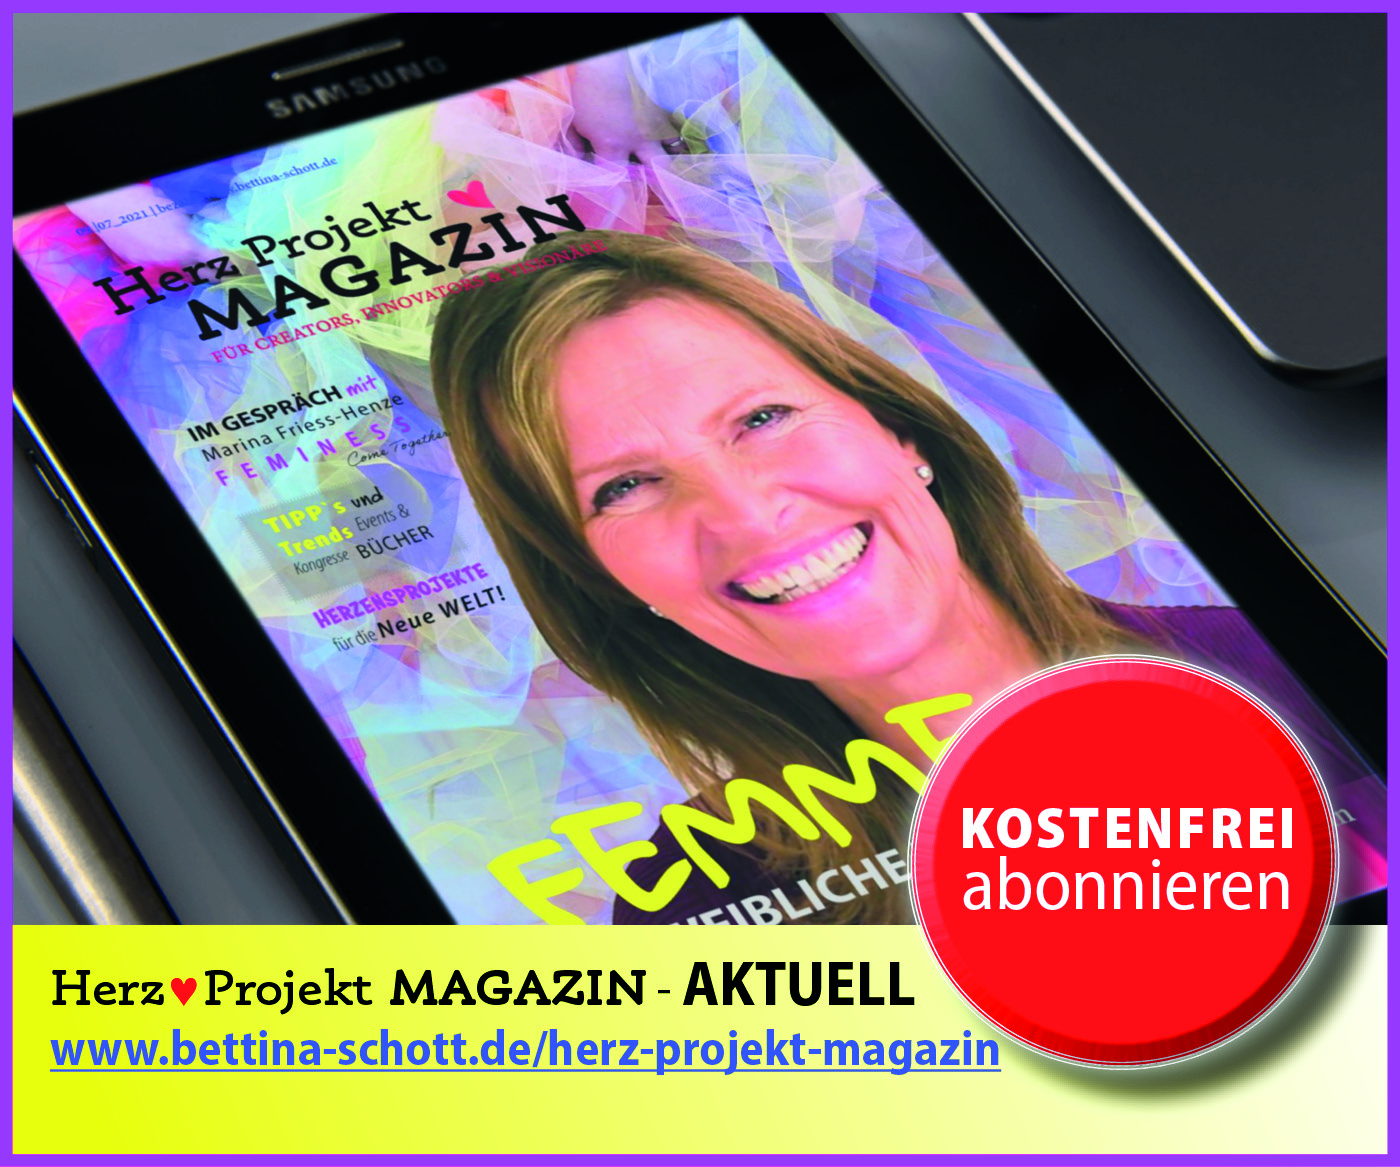 FEMME Die weibliche Kraft #9. Ausgabe des Herz Projekt Magazins mit Bettina Schott